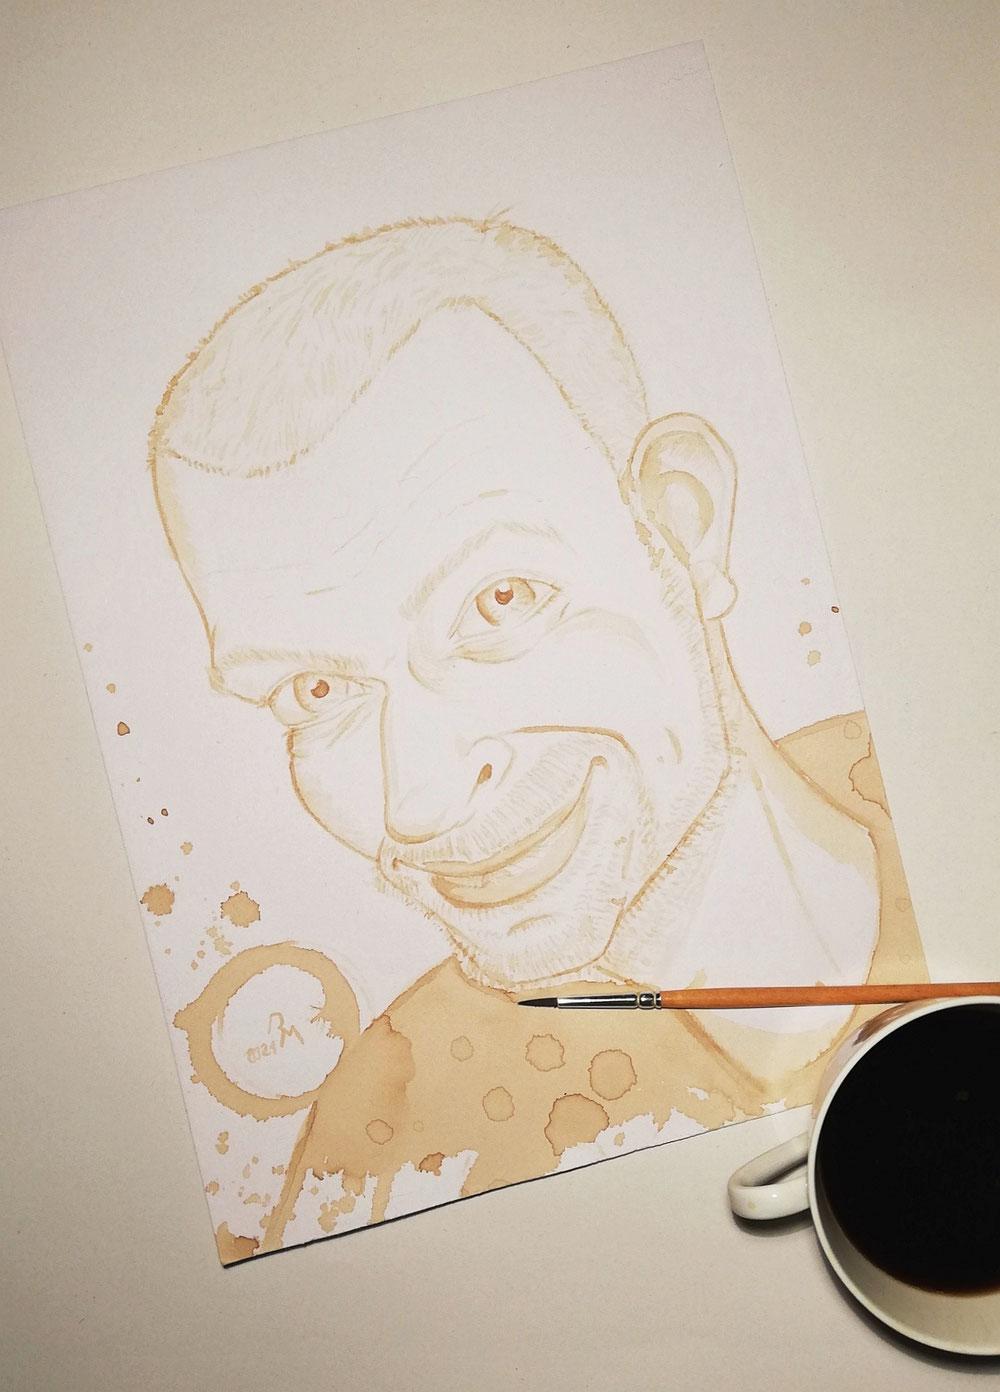 Ich mit Kaffee und Pinsel gemalt.